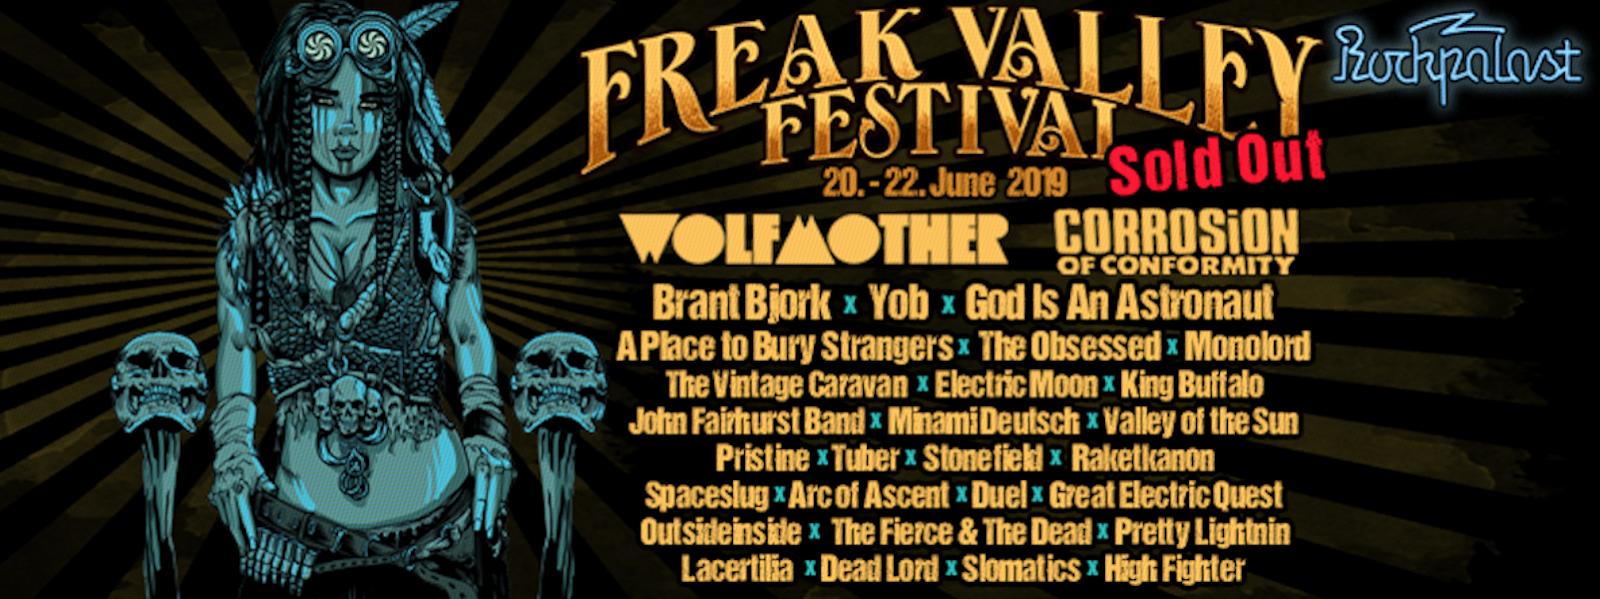 News] Freak Valley Festival 2019